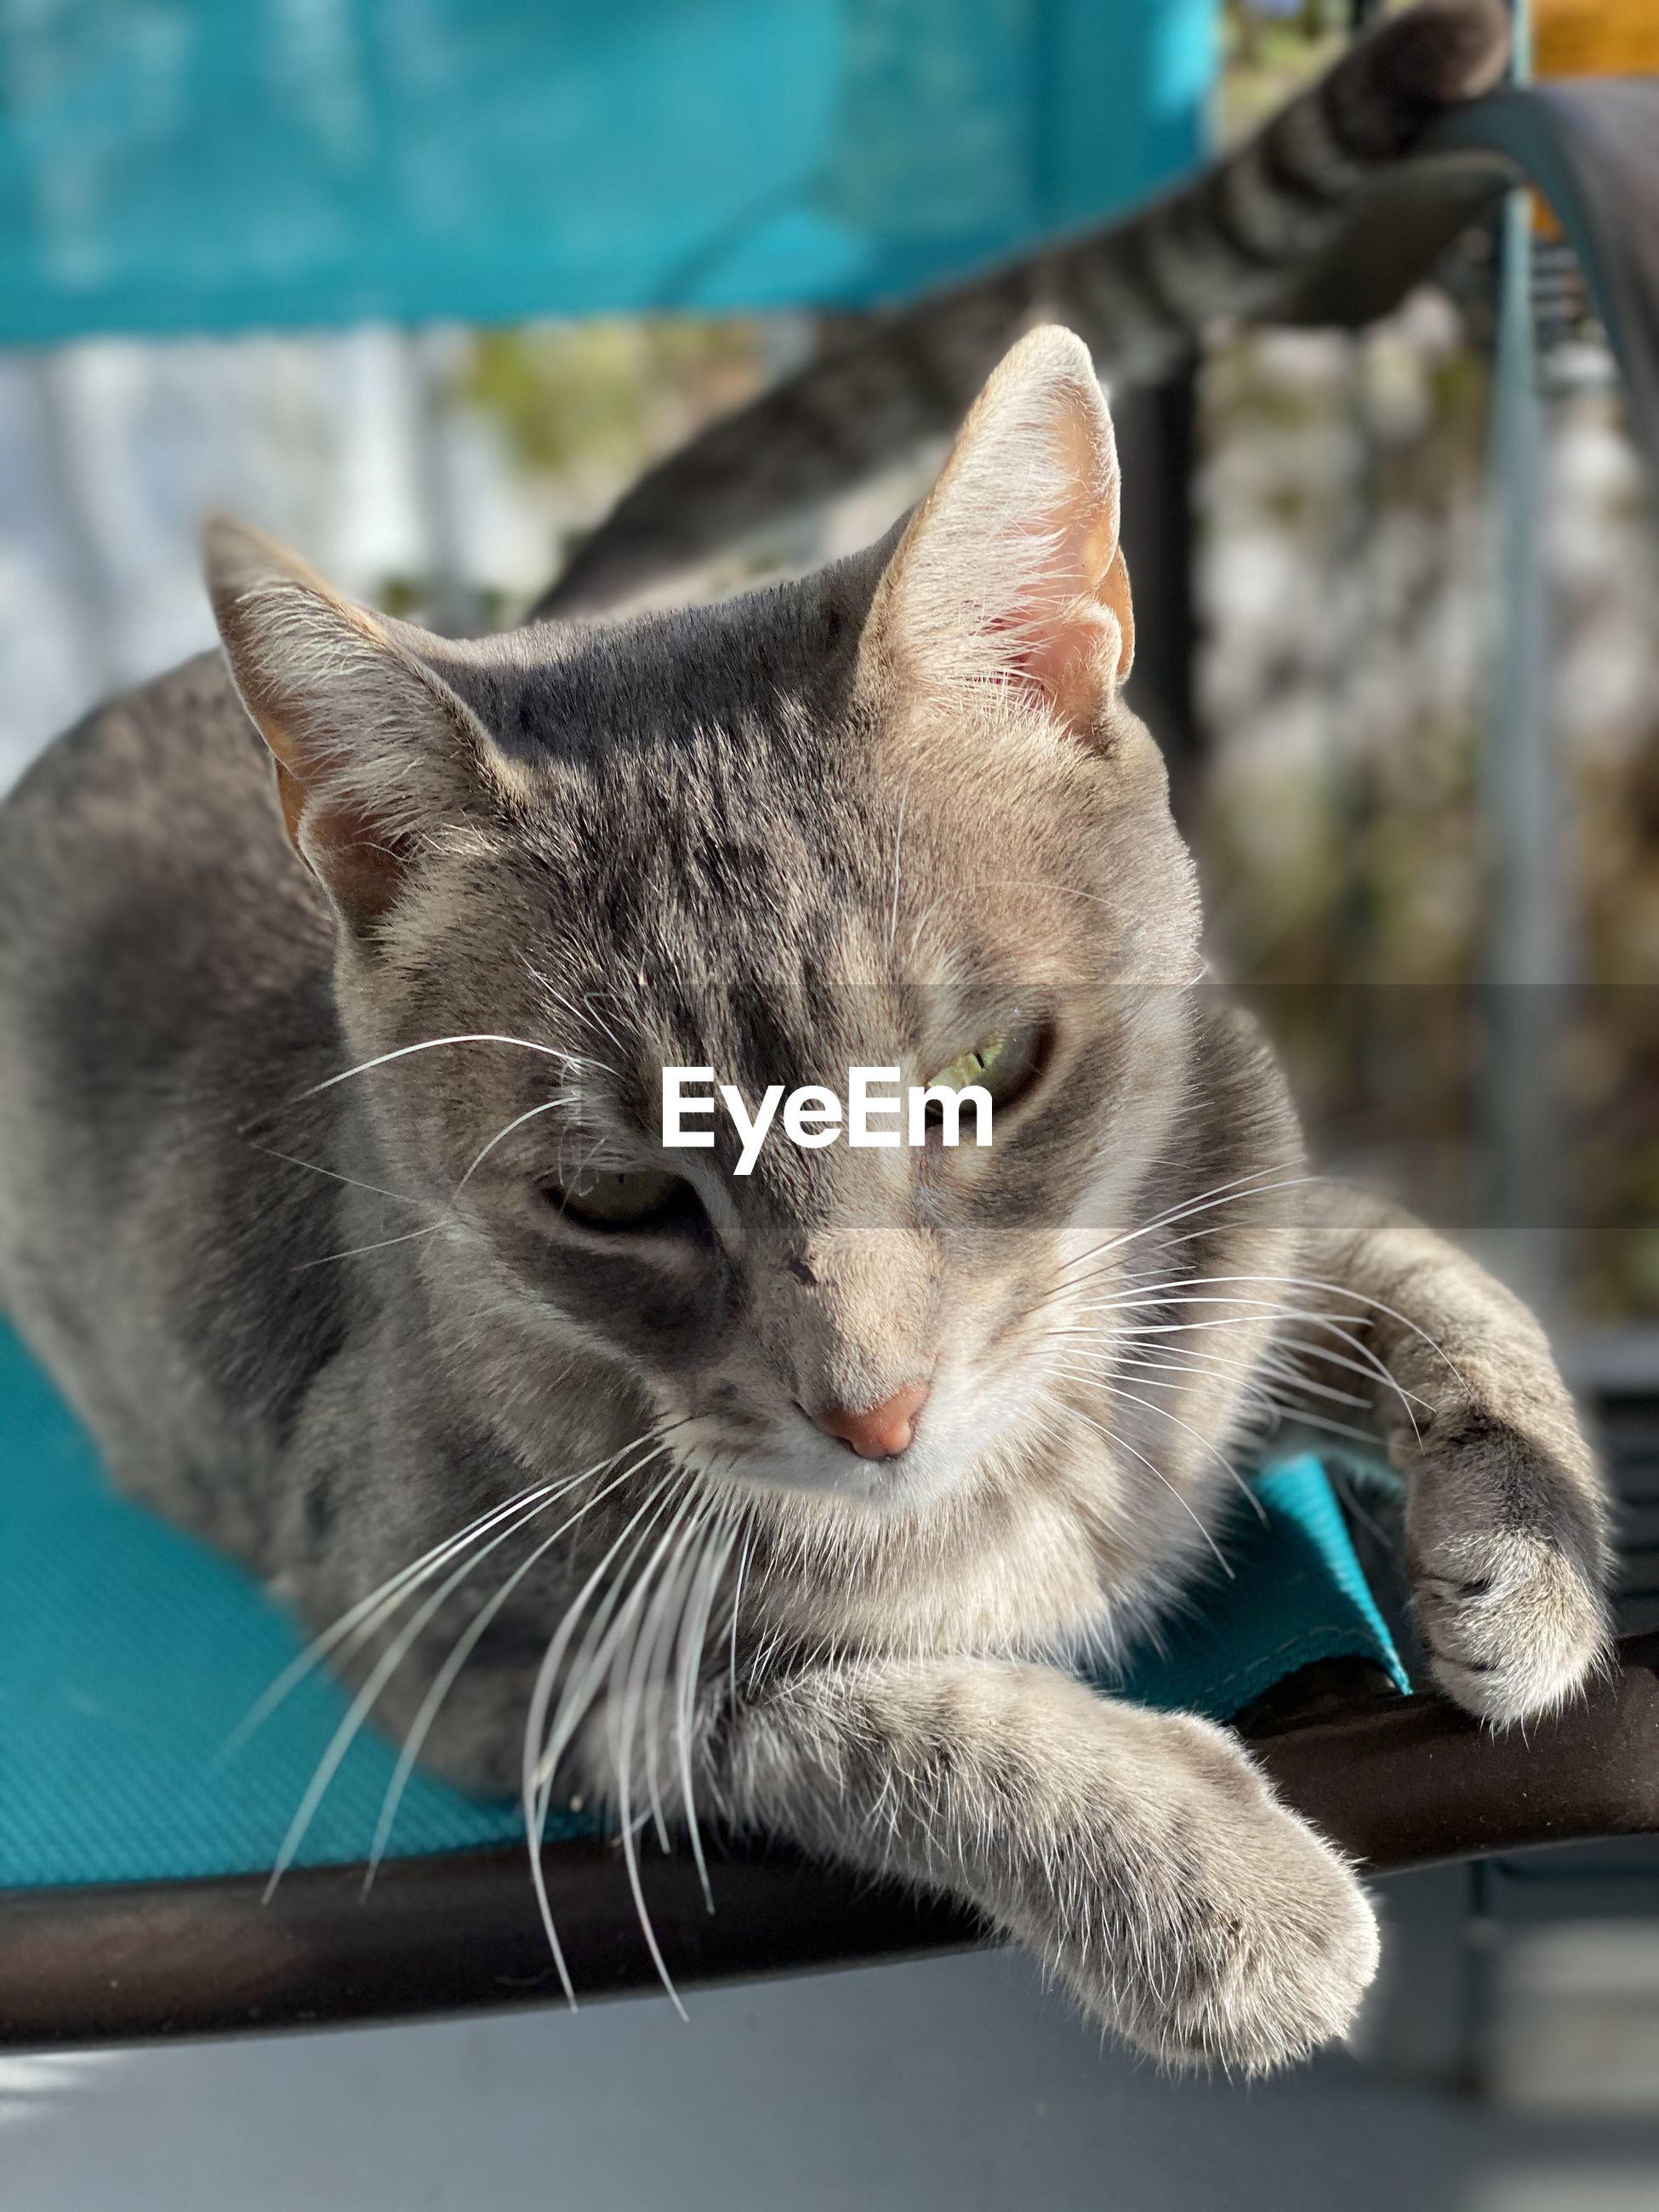 Close-up portrait of a cat paws